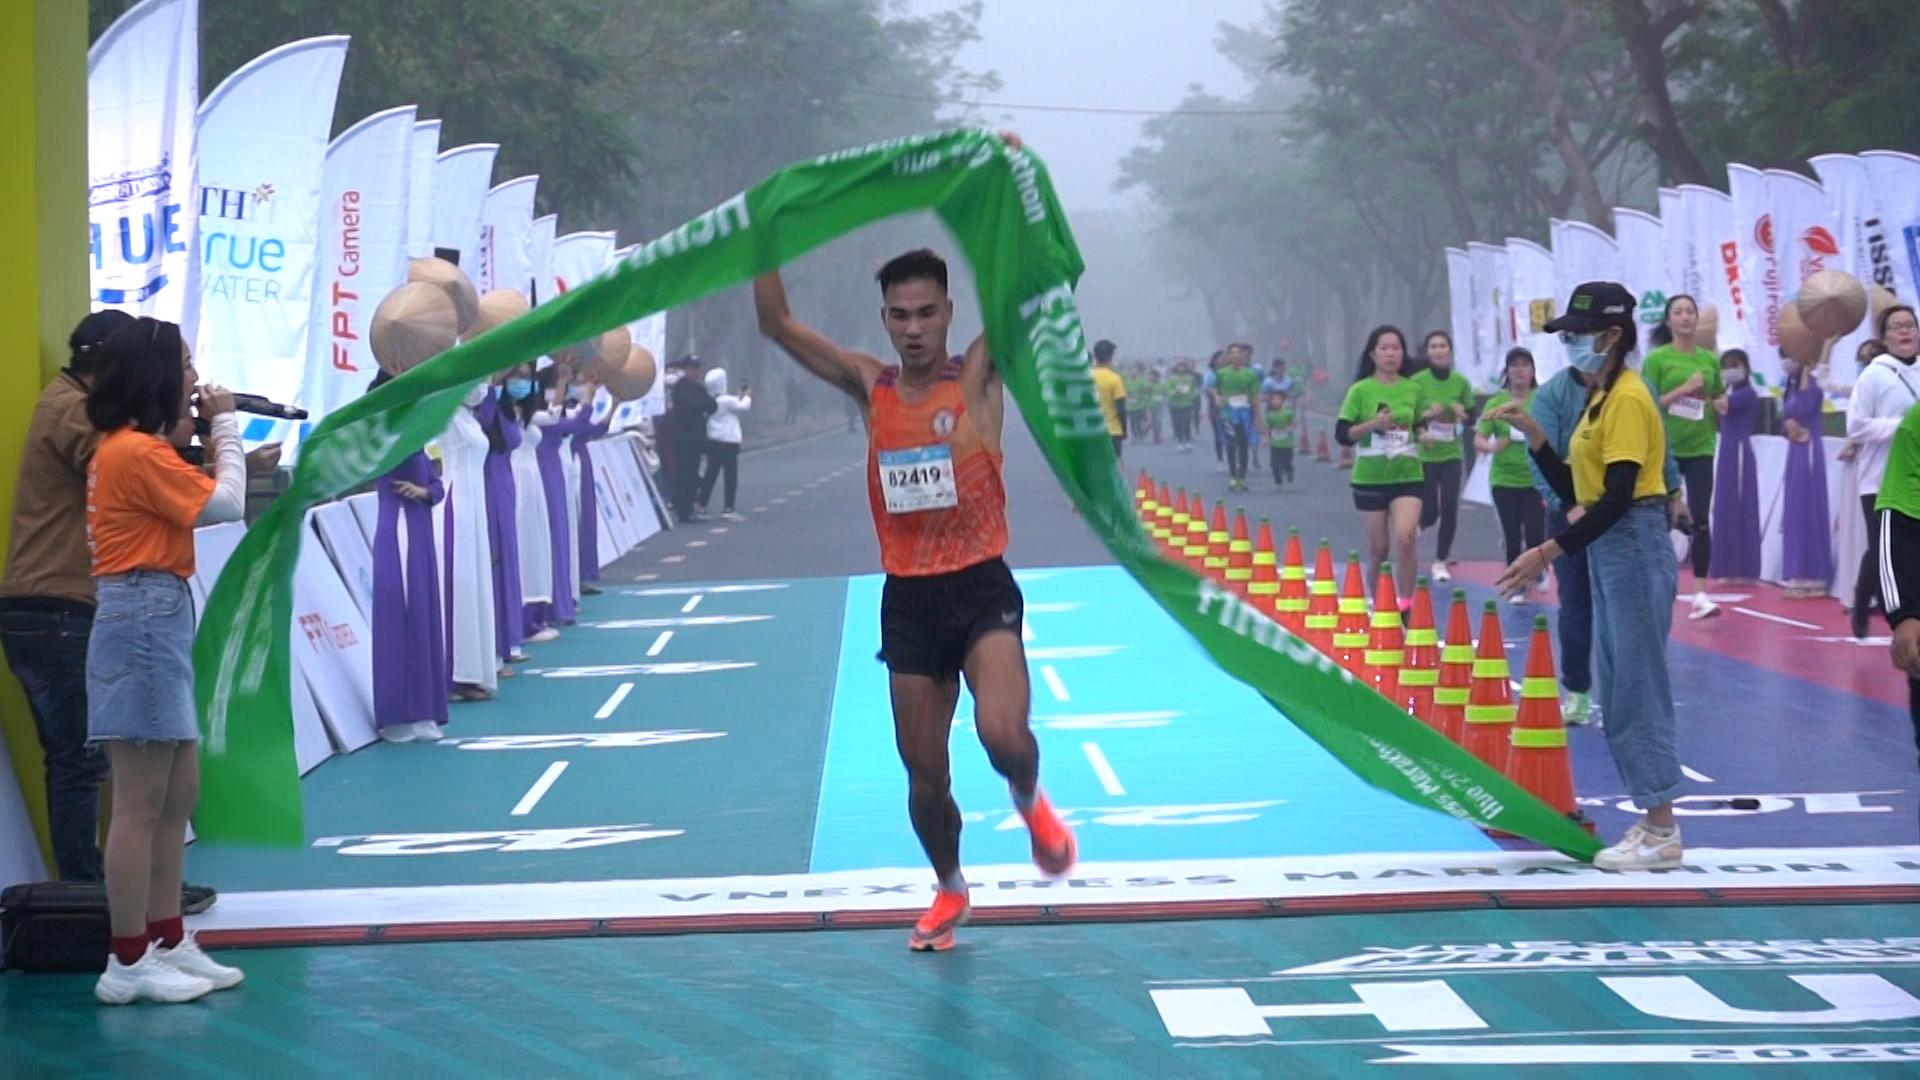 Le Trung Duc male champion 21km